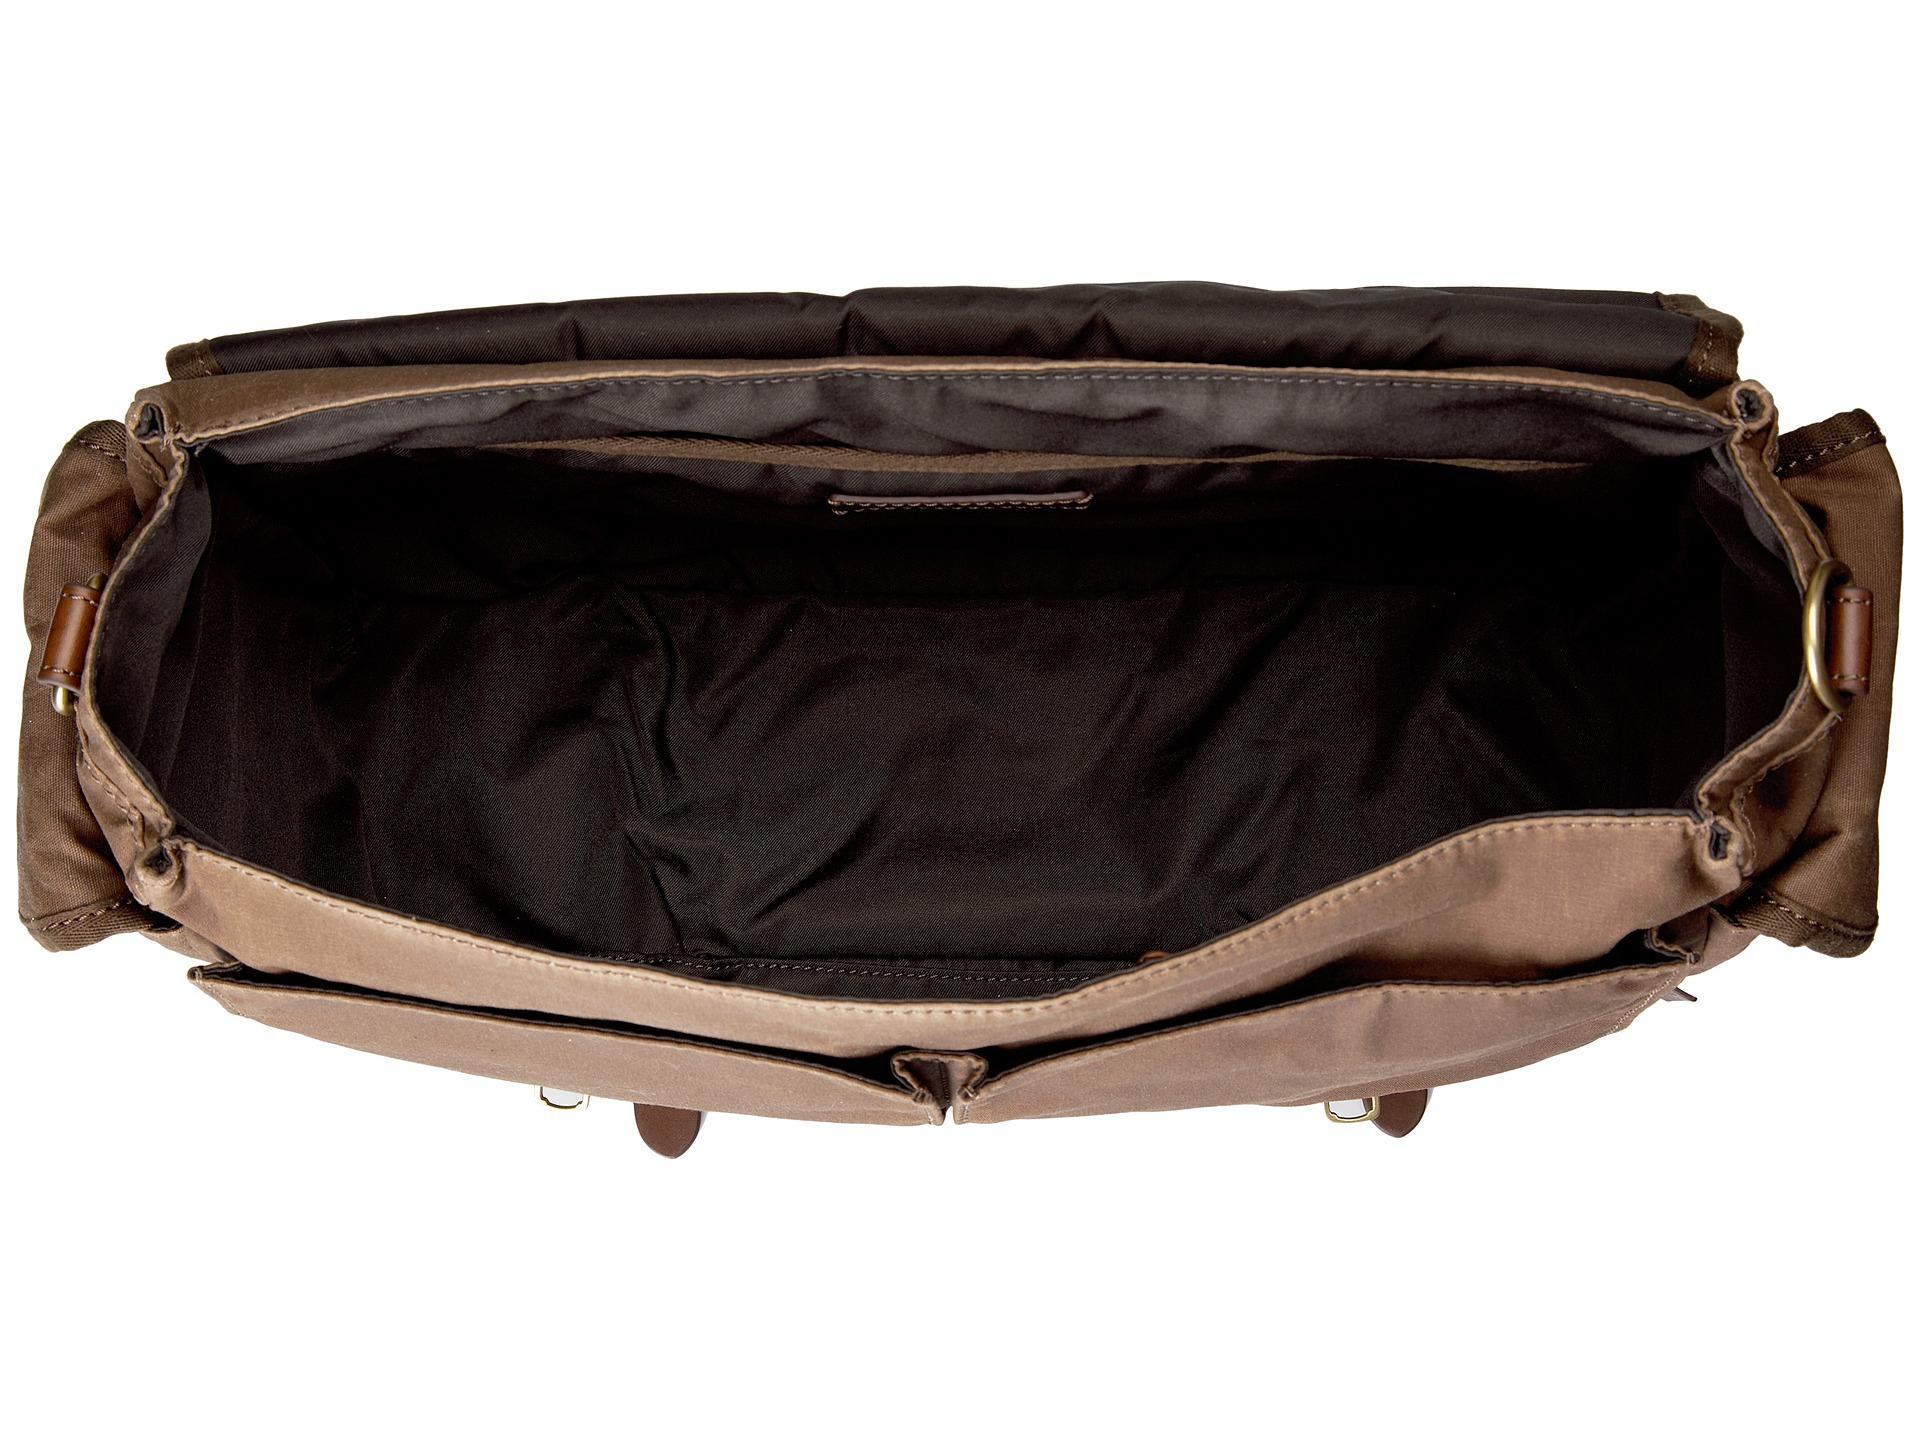 Elegant Buy Fossil Messenger Bag For Women - Brown - Handbags | UAE | Souq